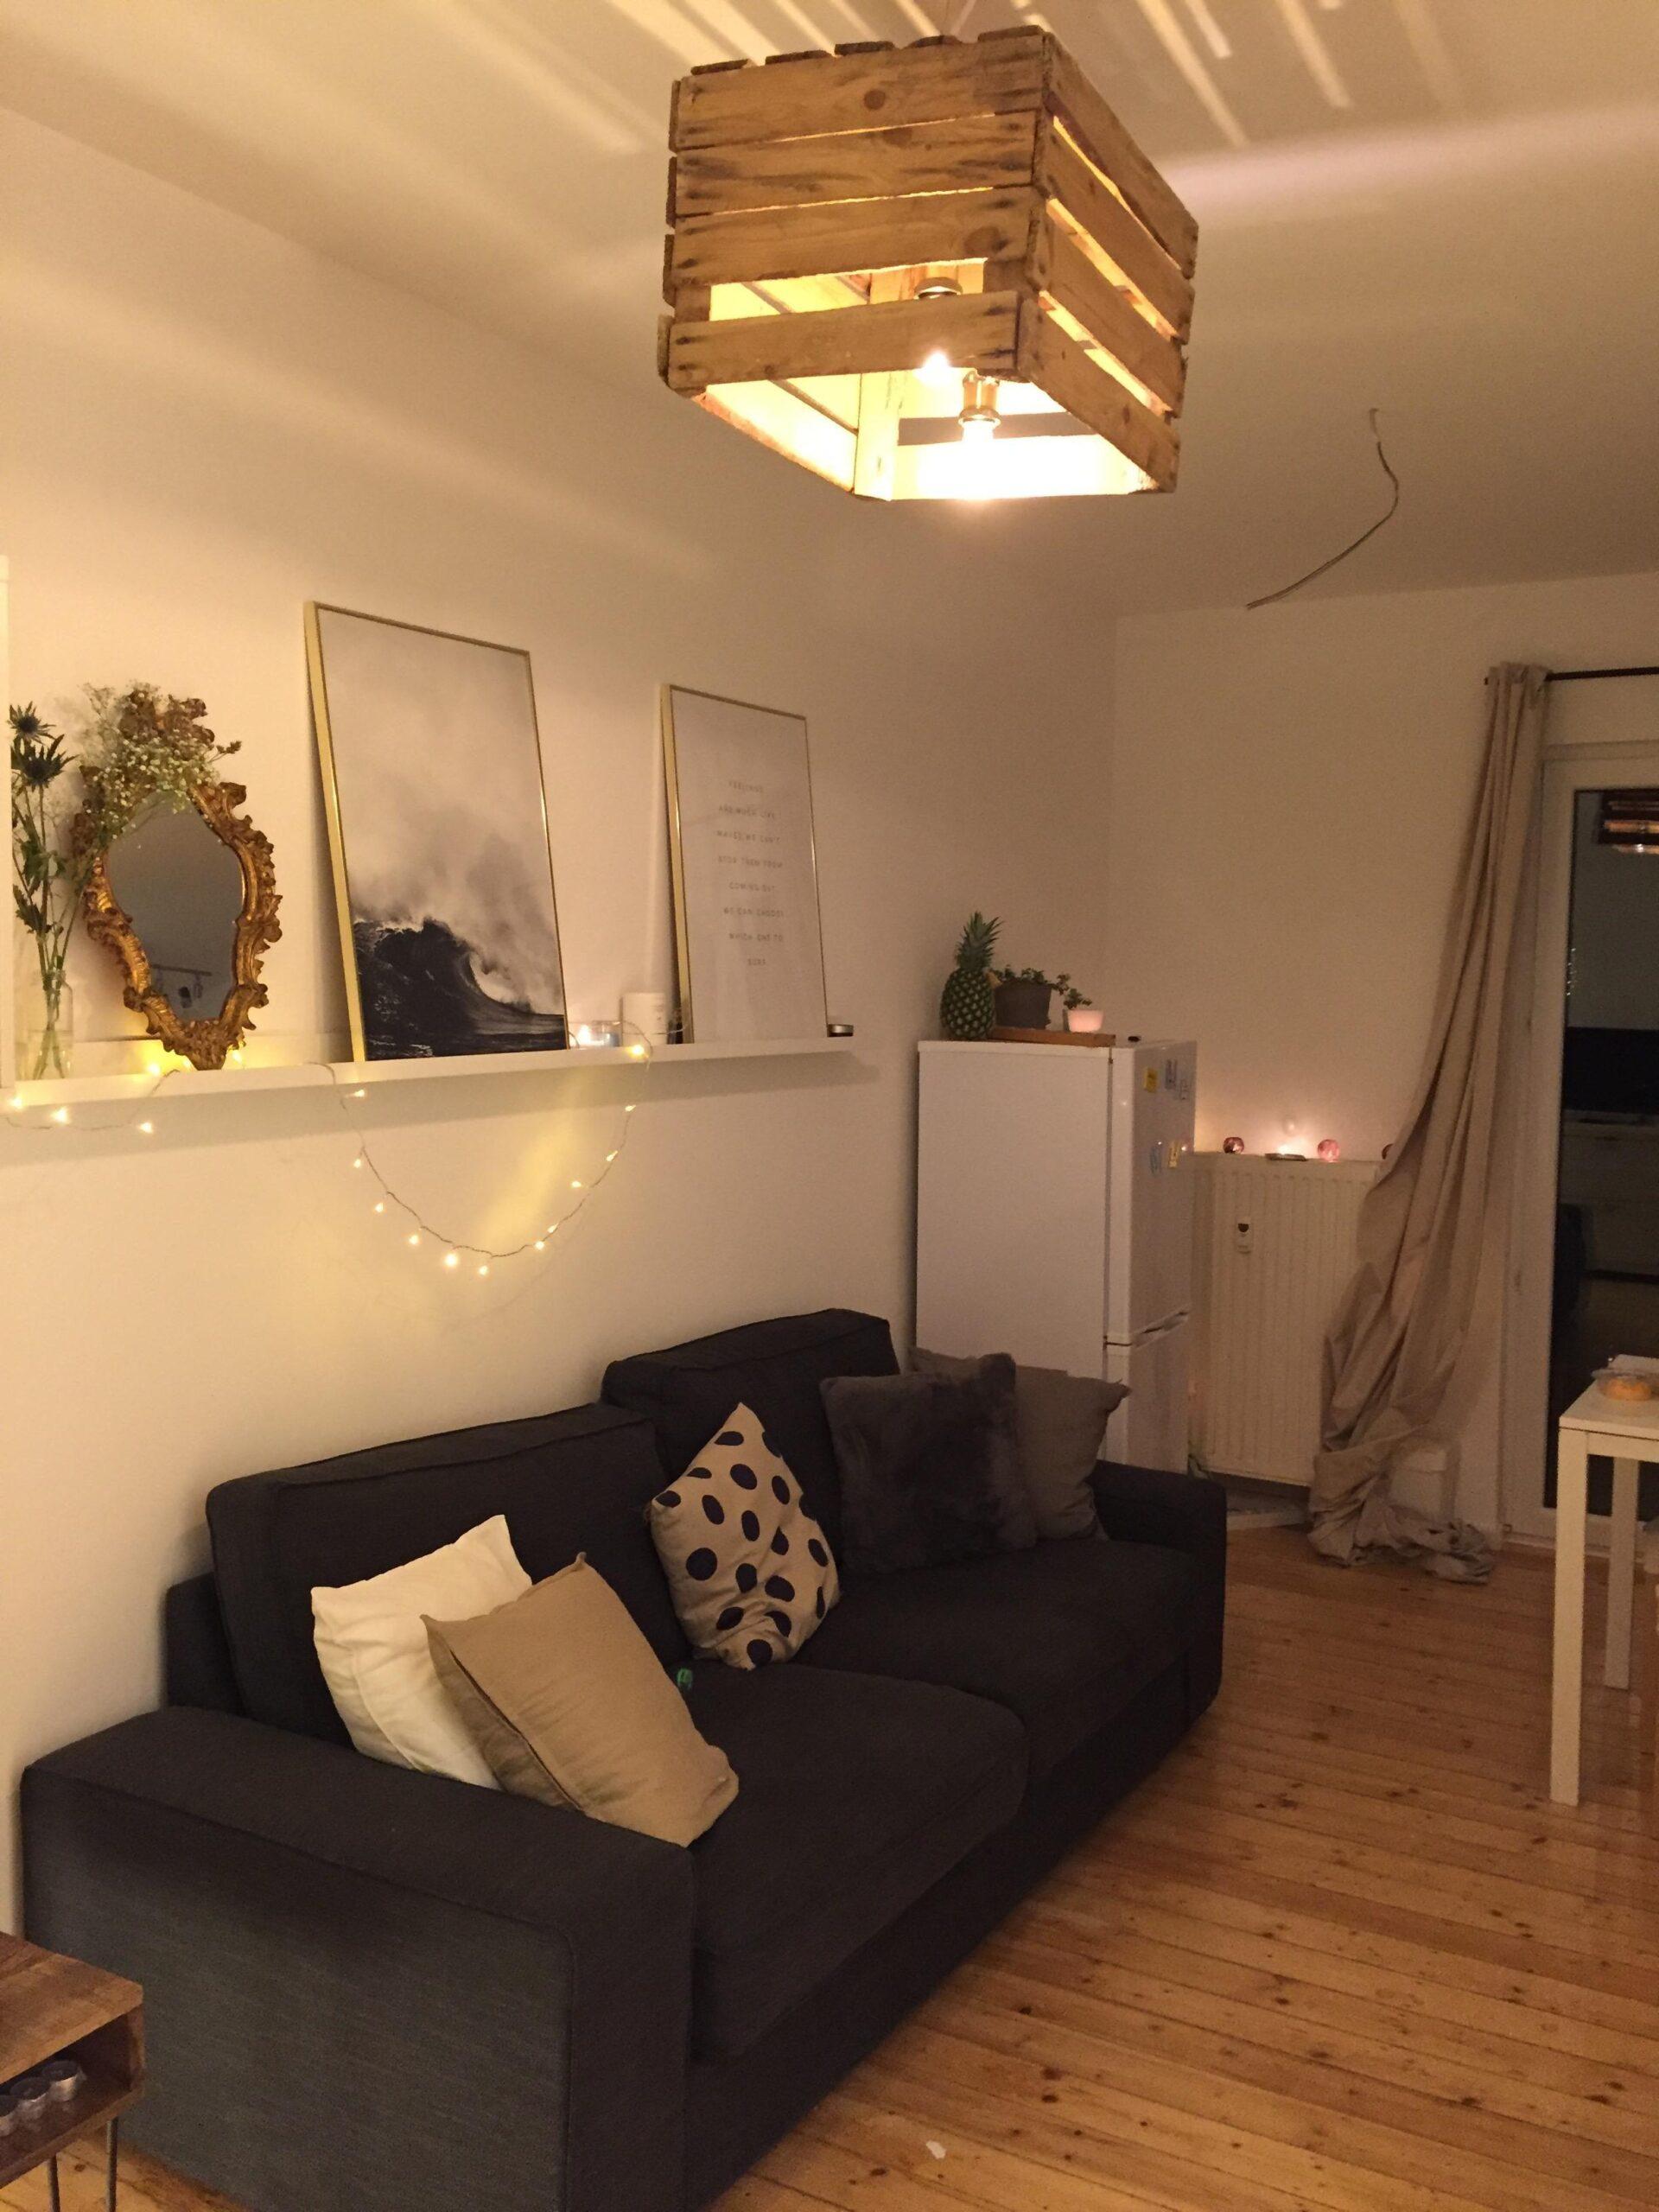 Full Size of Lampen Wohnzimmer Decke Ikea Fr Mit Diy Lampe Desenio Scandi L Led Deckenlampen Sideboard Schrankwand Deckenleuchten Komplett Stehlampe Tisch Indirekte Wohnzimmer Lampen Wohnzimmer Decke Ikea